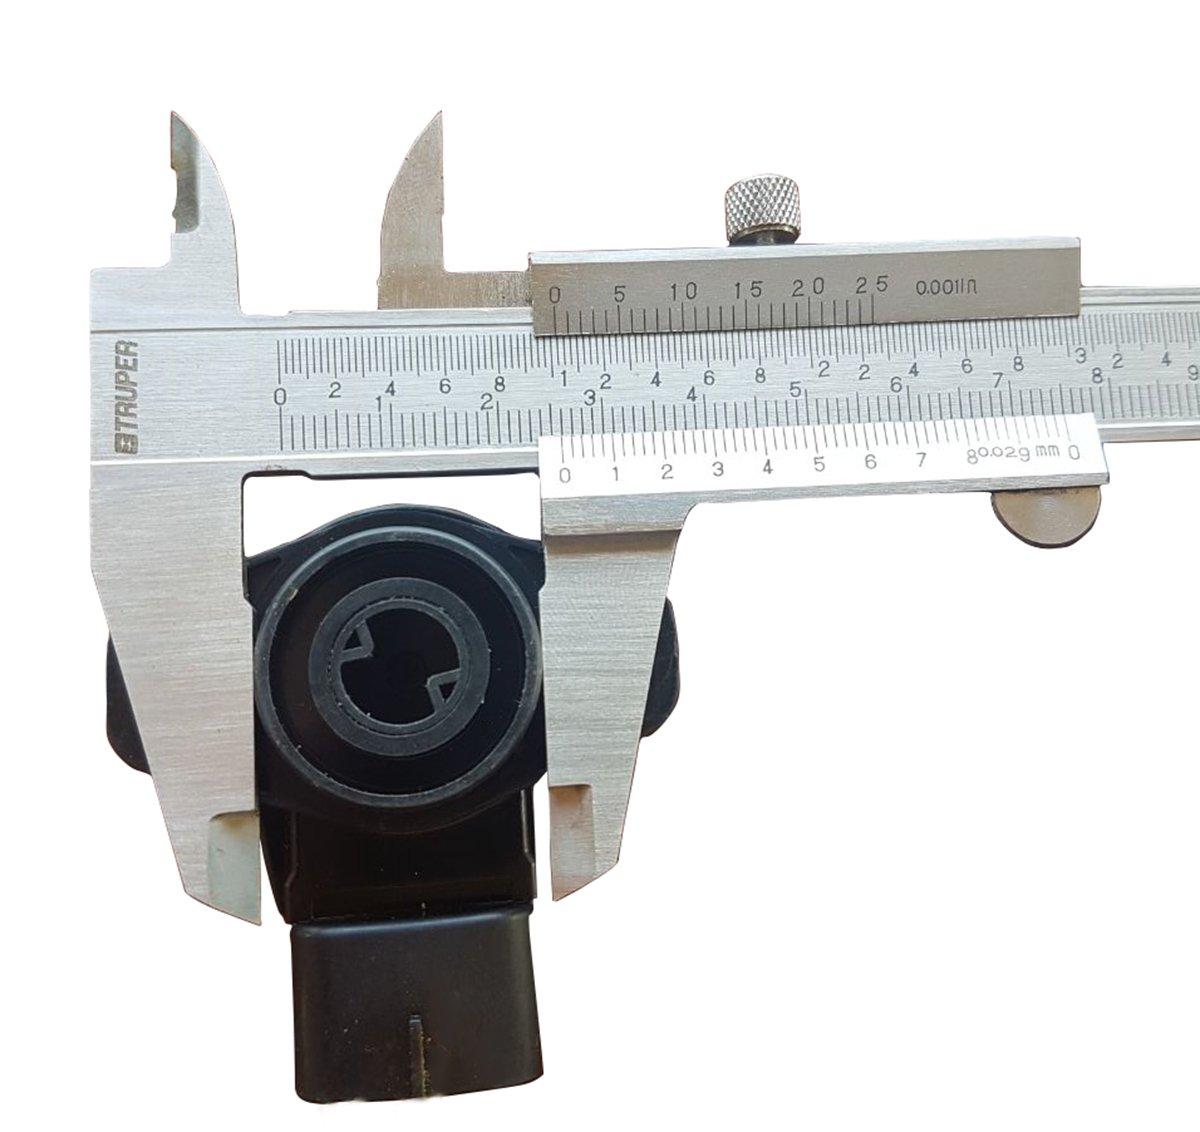 GooDeal Throttle Position Sensor 3131705 for Polari Sportsman Ranger 450 570 800